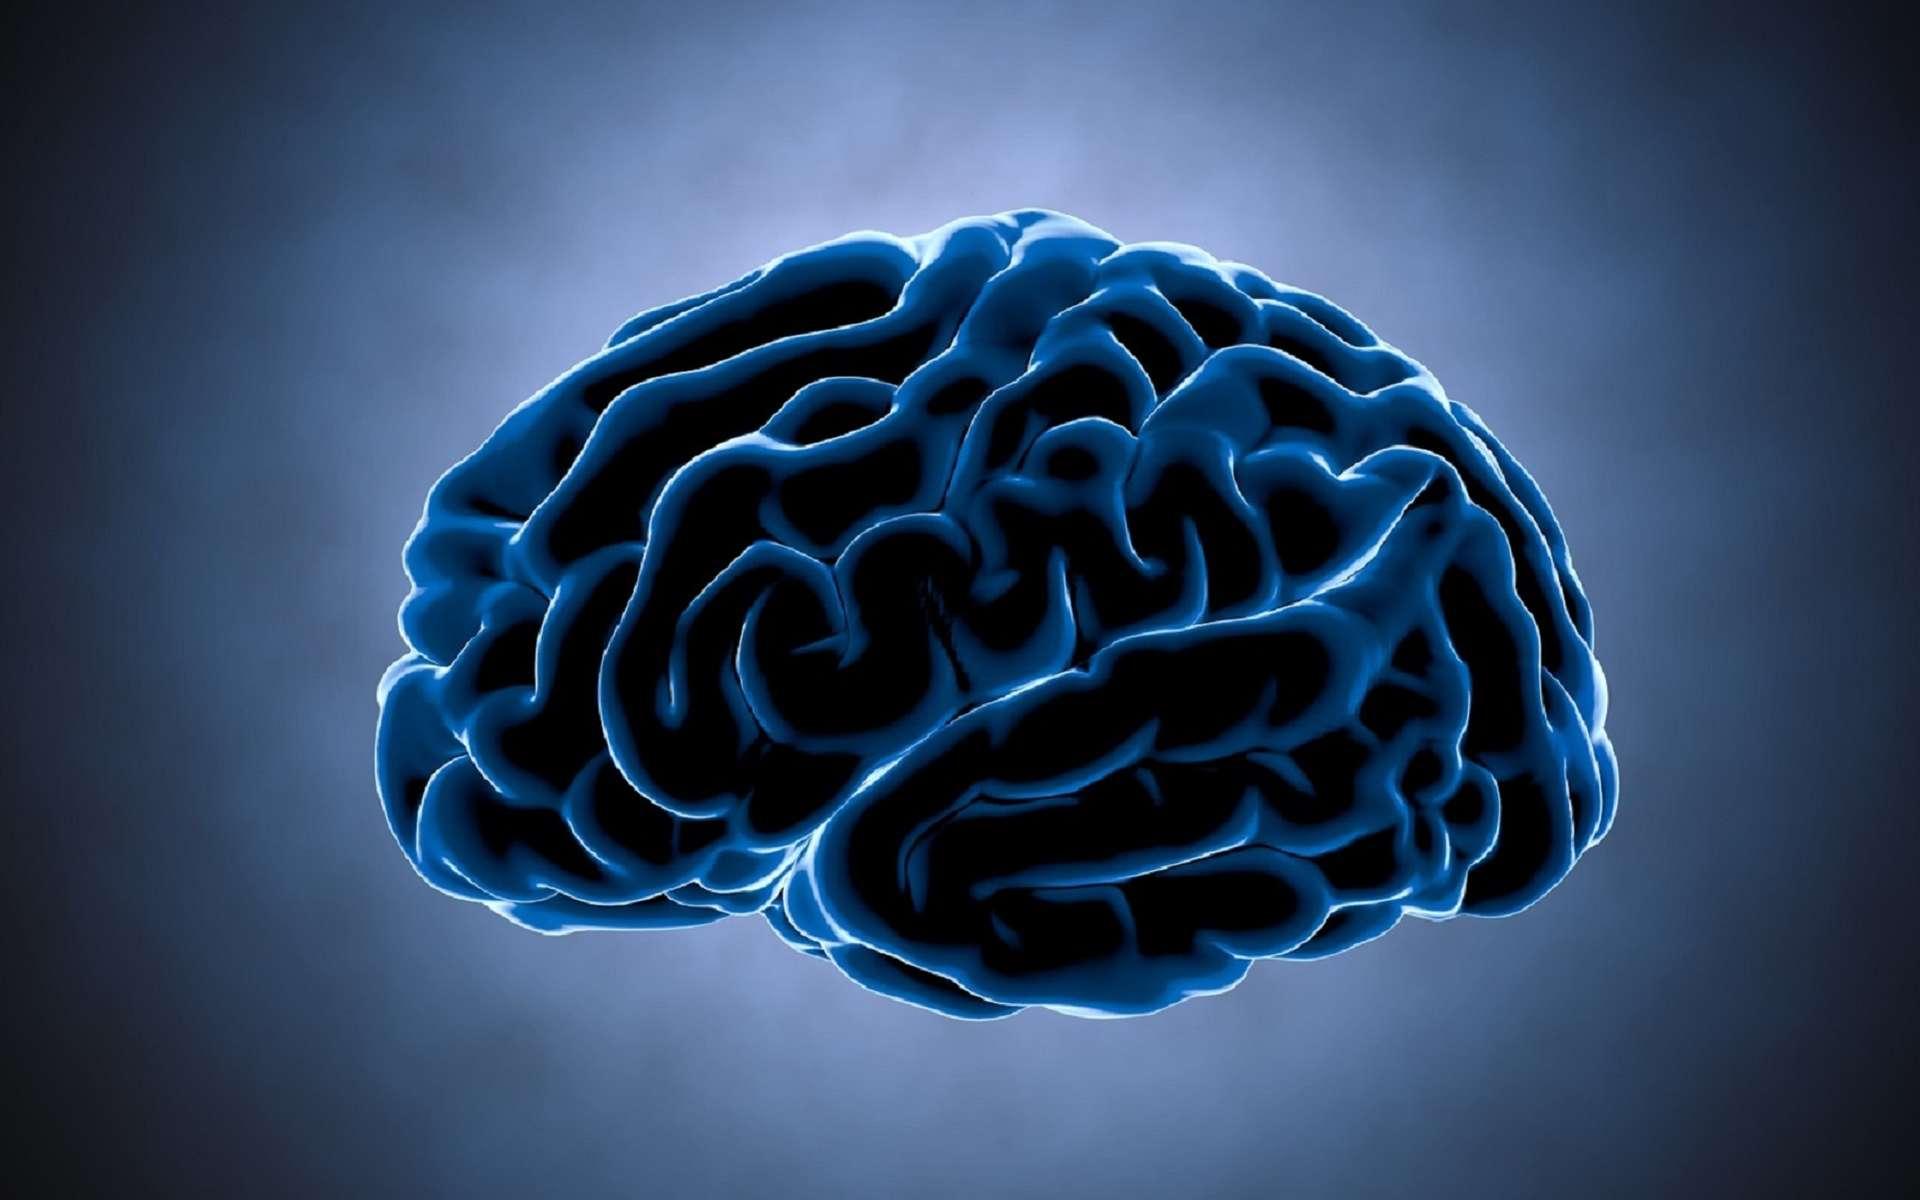 Le gyrus fusiforme est une circonvolution du cortex cérébral qui est impliqué dans la reconnaissance des visages. © chagpg, Fotolia